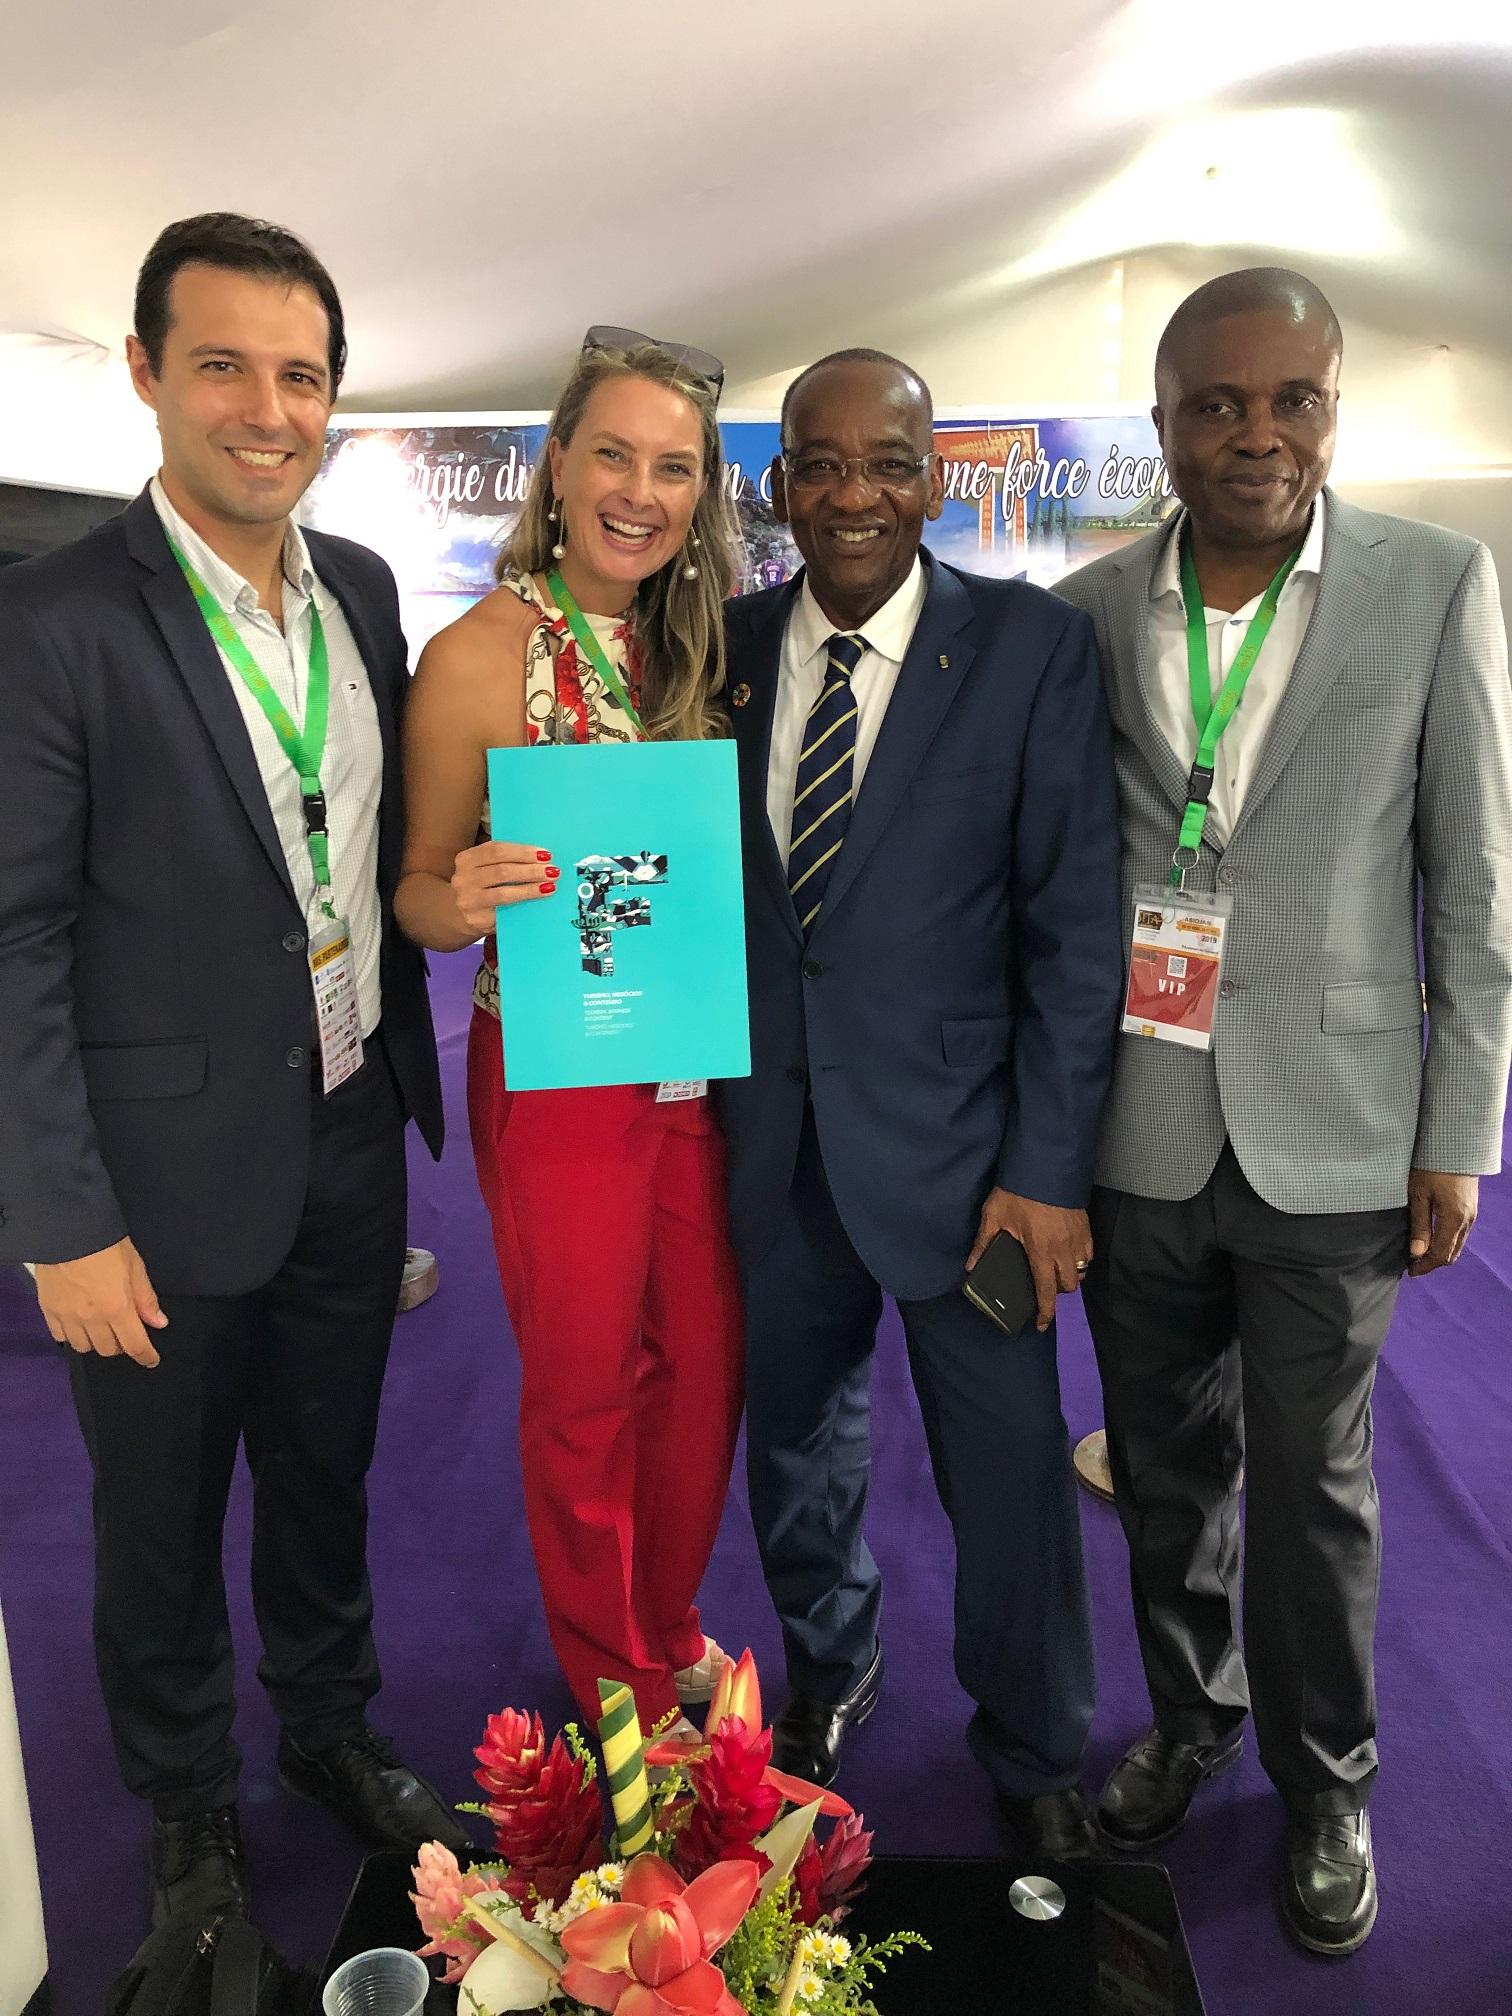 Eduardo Zorzanello e Juliana Zorzanello com Sr. Jean-Marie Somet, diretor geral do Turismo da Costa do Marfim, e Kouassi, diretor Brasil!